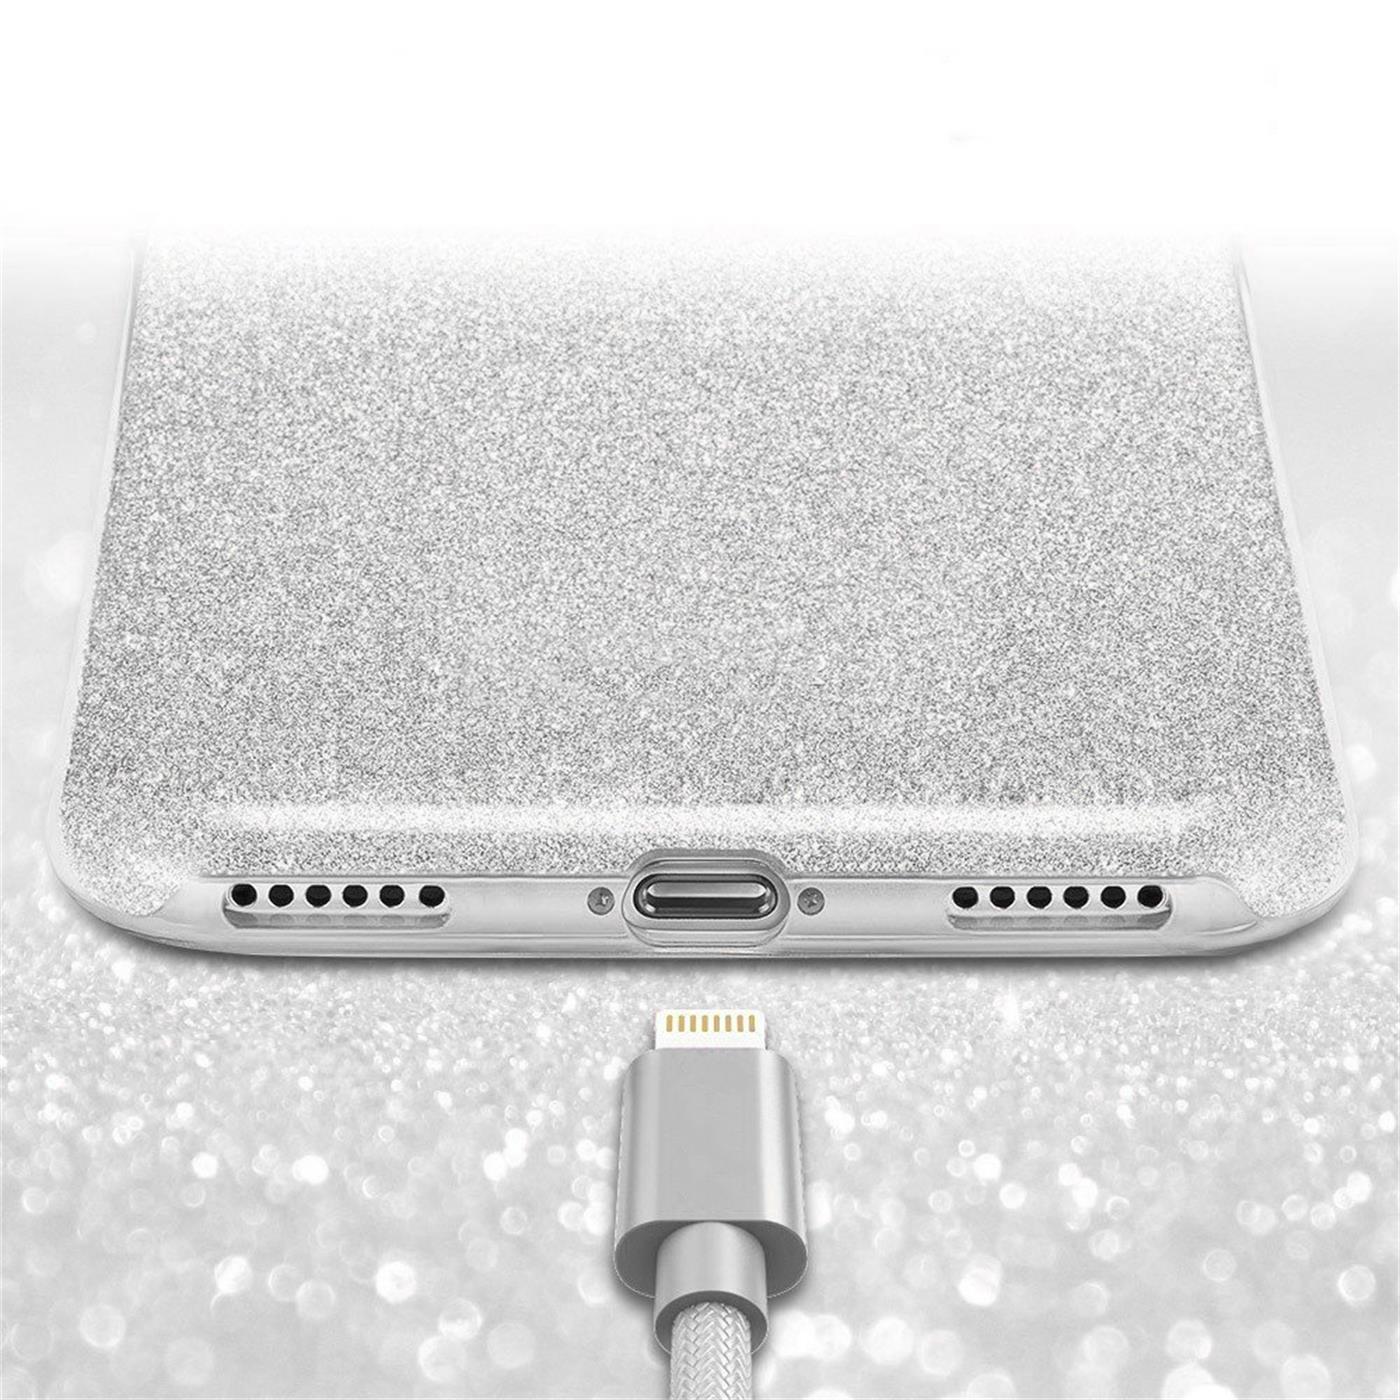 Handy-Glitzer-Huelle-fuer-Apple-iPhone-Slim-TPU-Cover-Case-Silikon-Schutz-Tasche Indexbild 20